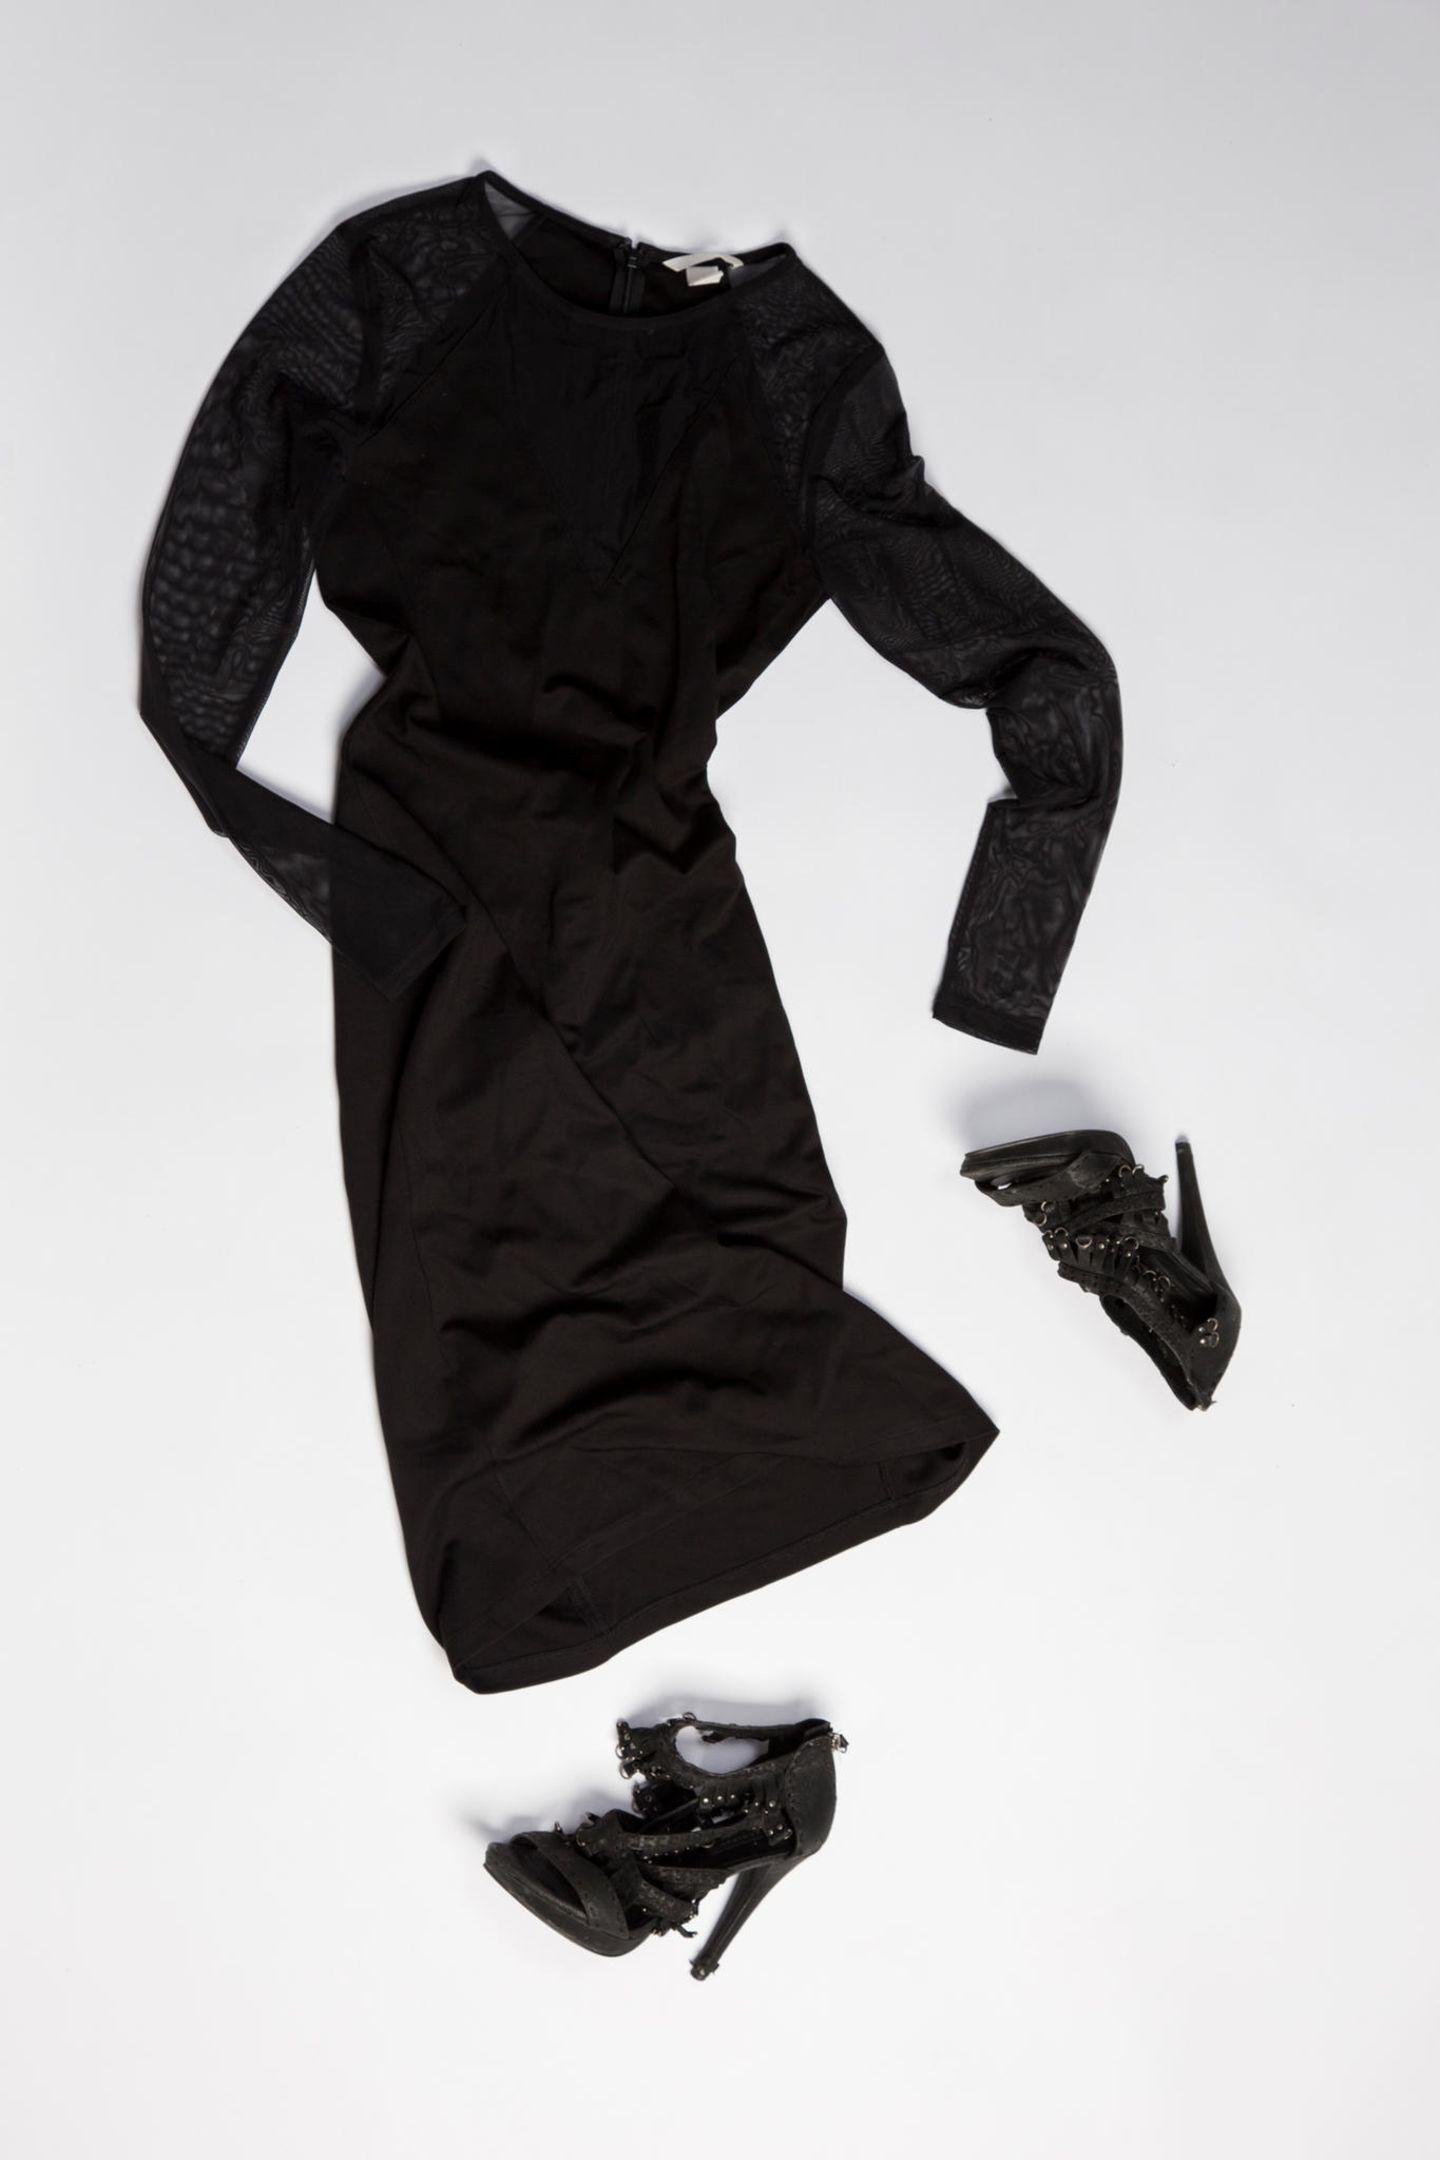 Ausstellung: schwarzes Kleid mit Schuhen